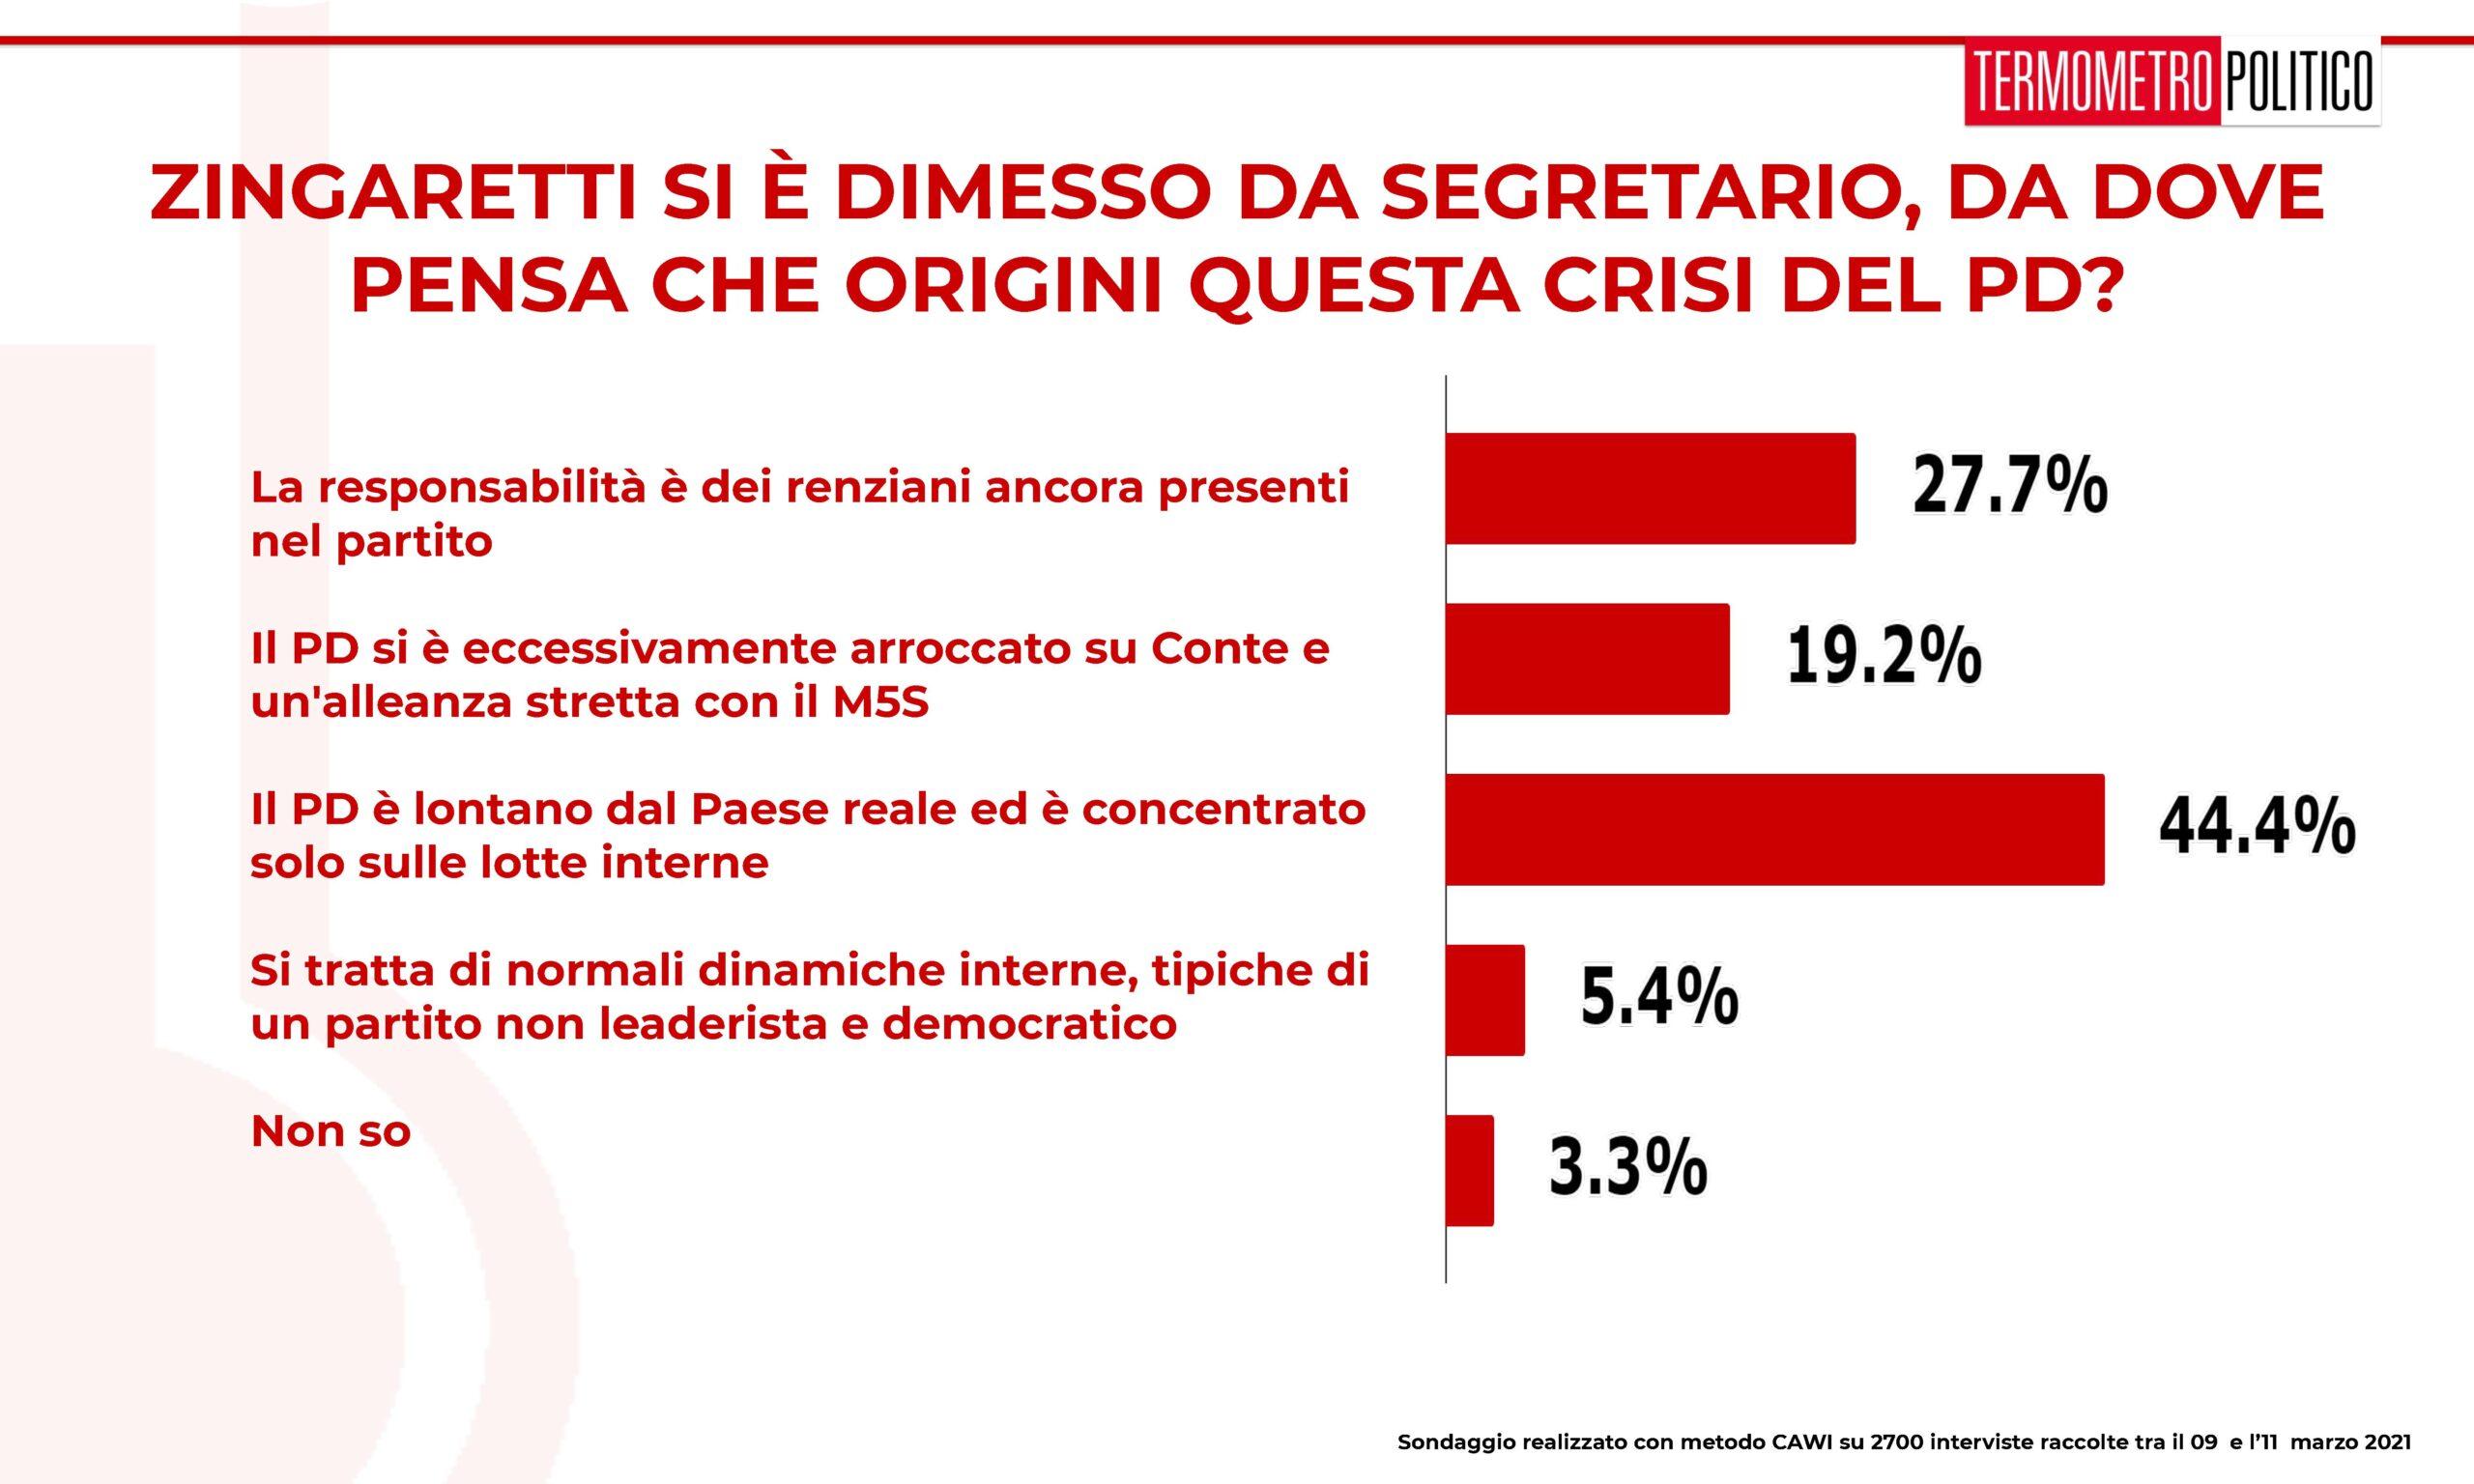 ultimi sondaggi tp, crisi pd